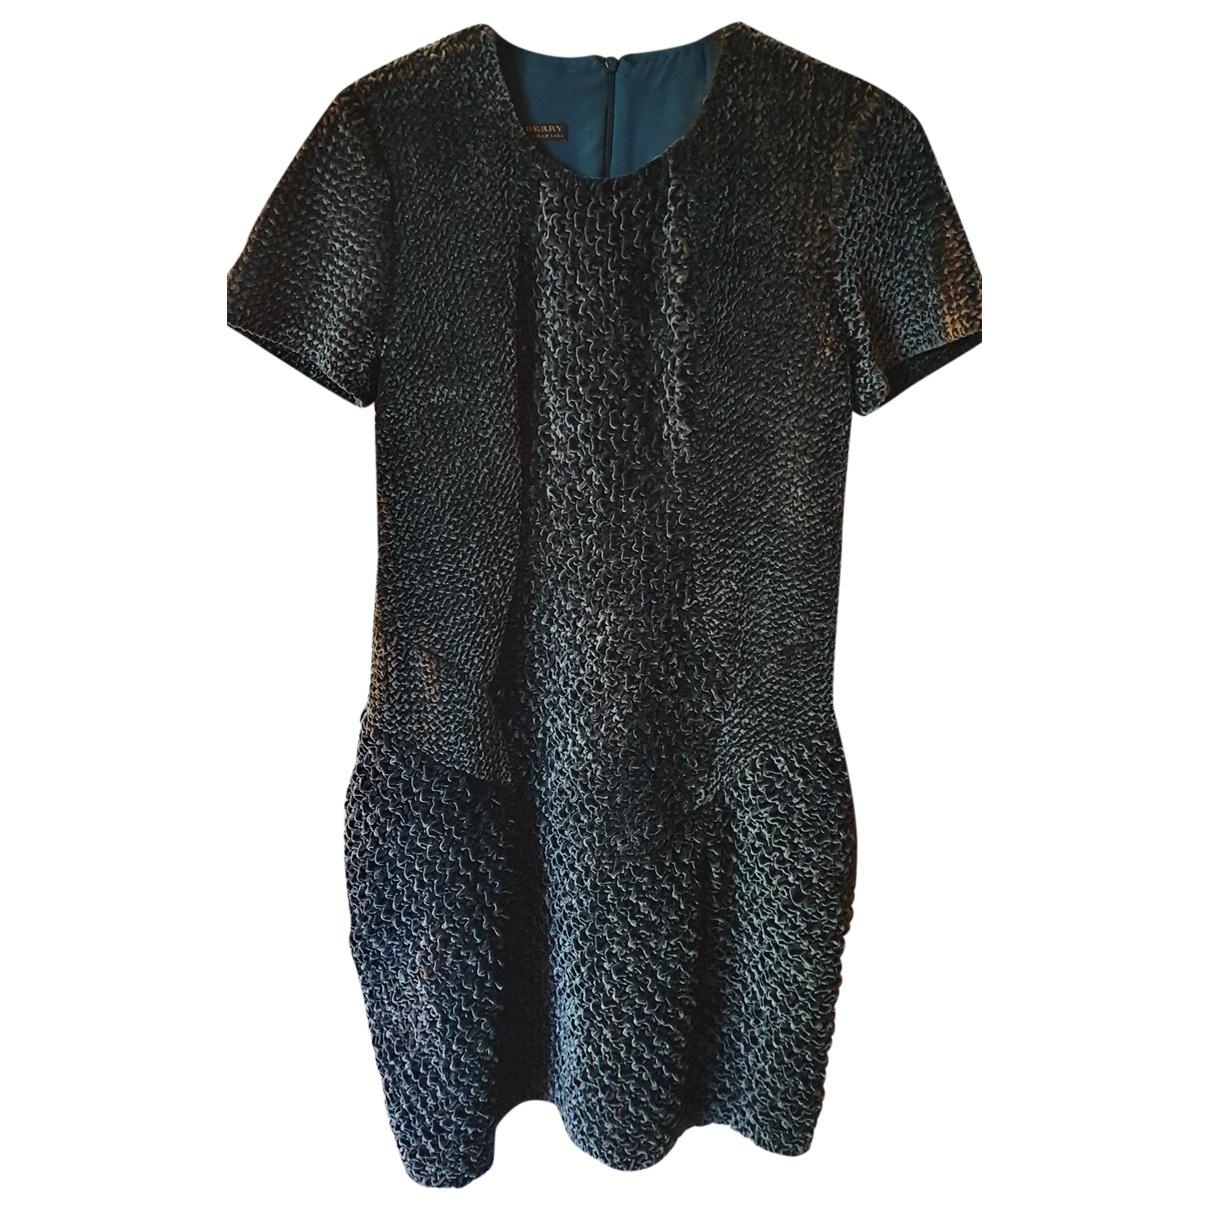 Burberry \N Kleid in  Blau Polyester